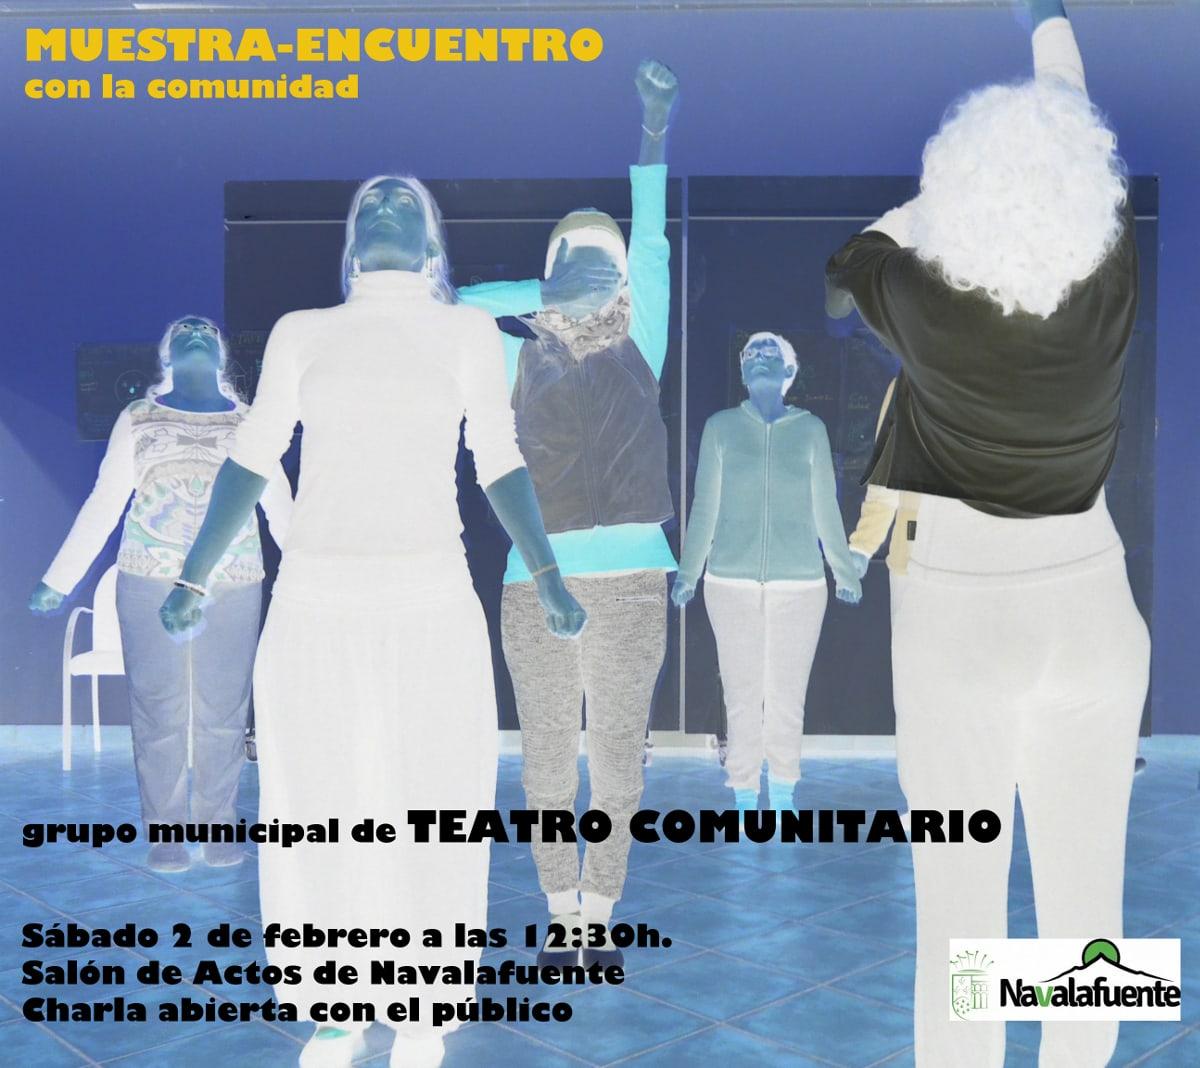 Muestra-Encuentro de Teatro Comunitario en Navalafuente